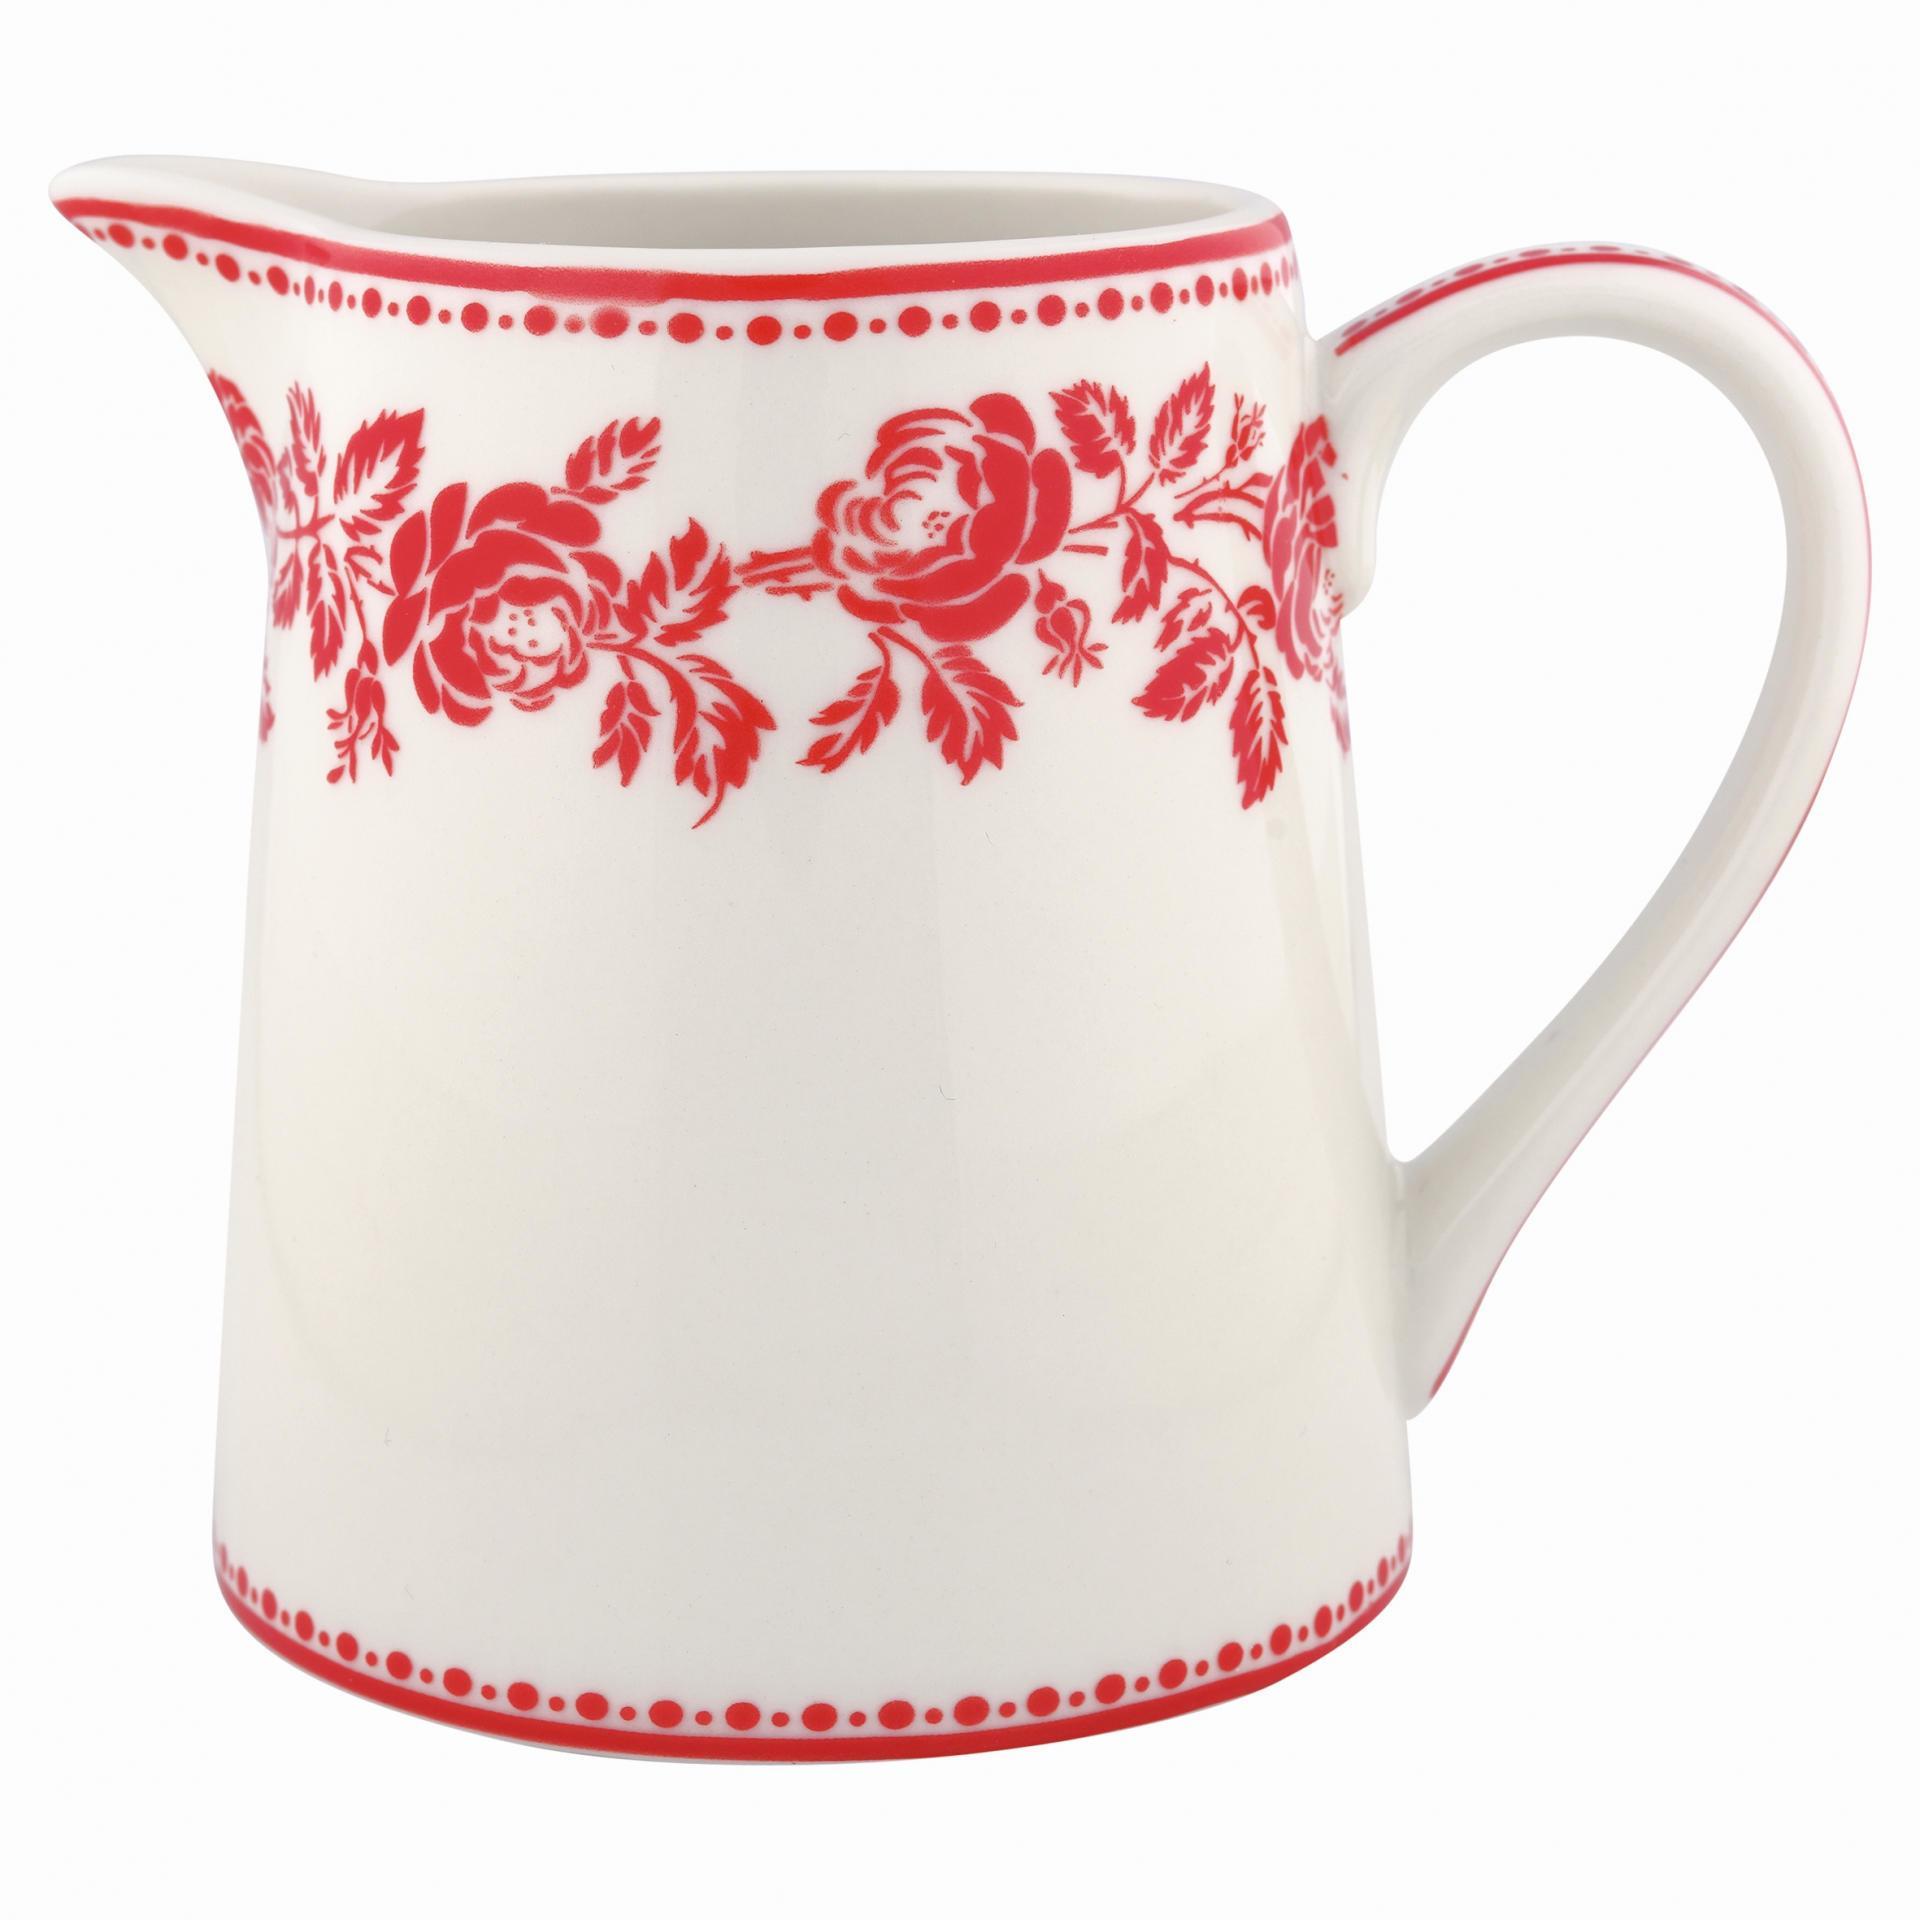 GREEN GATE Džbánek Fleur red 500 ml, červená barva, bílá barva, porcelán